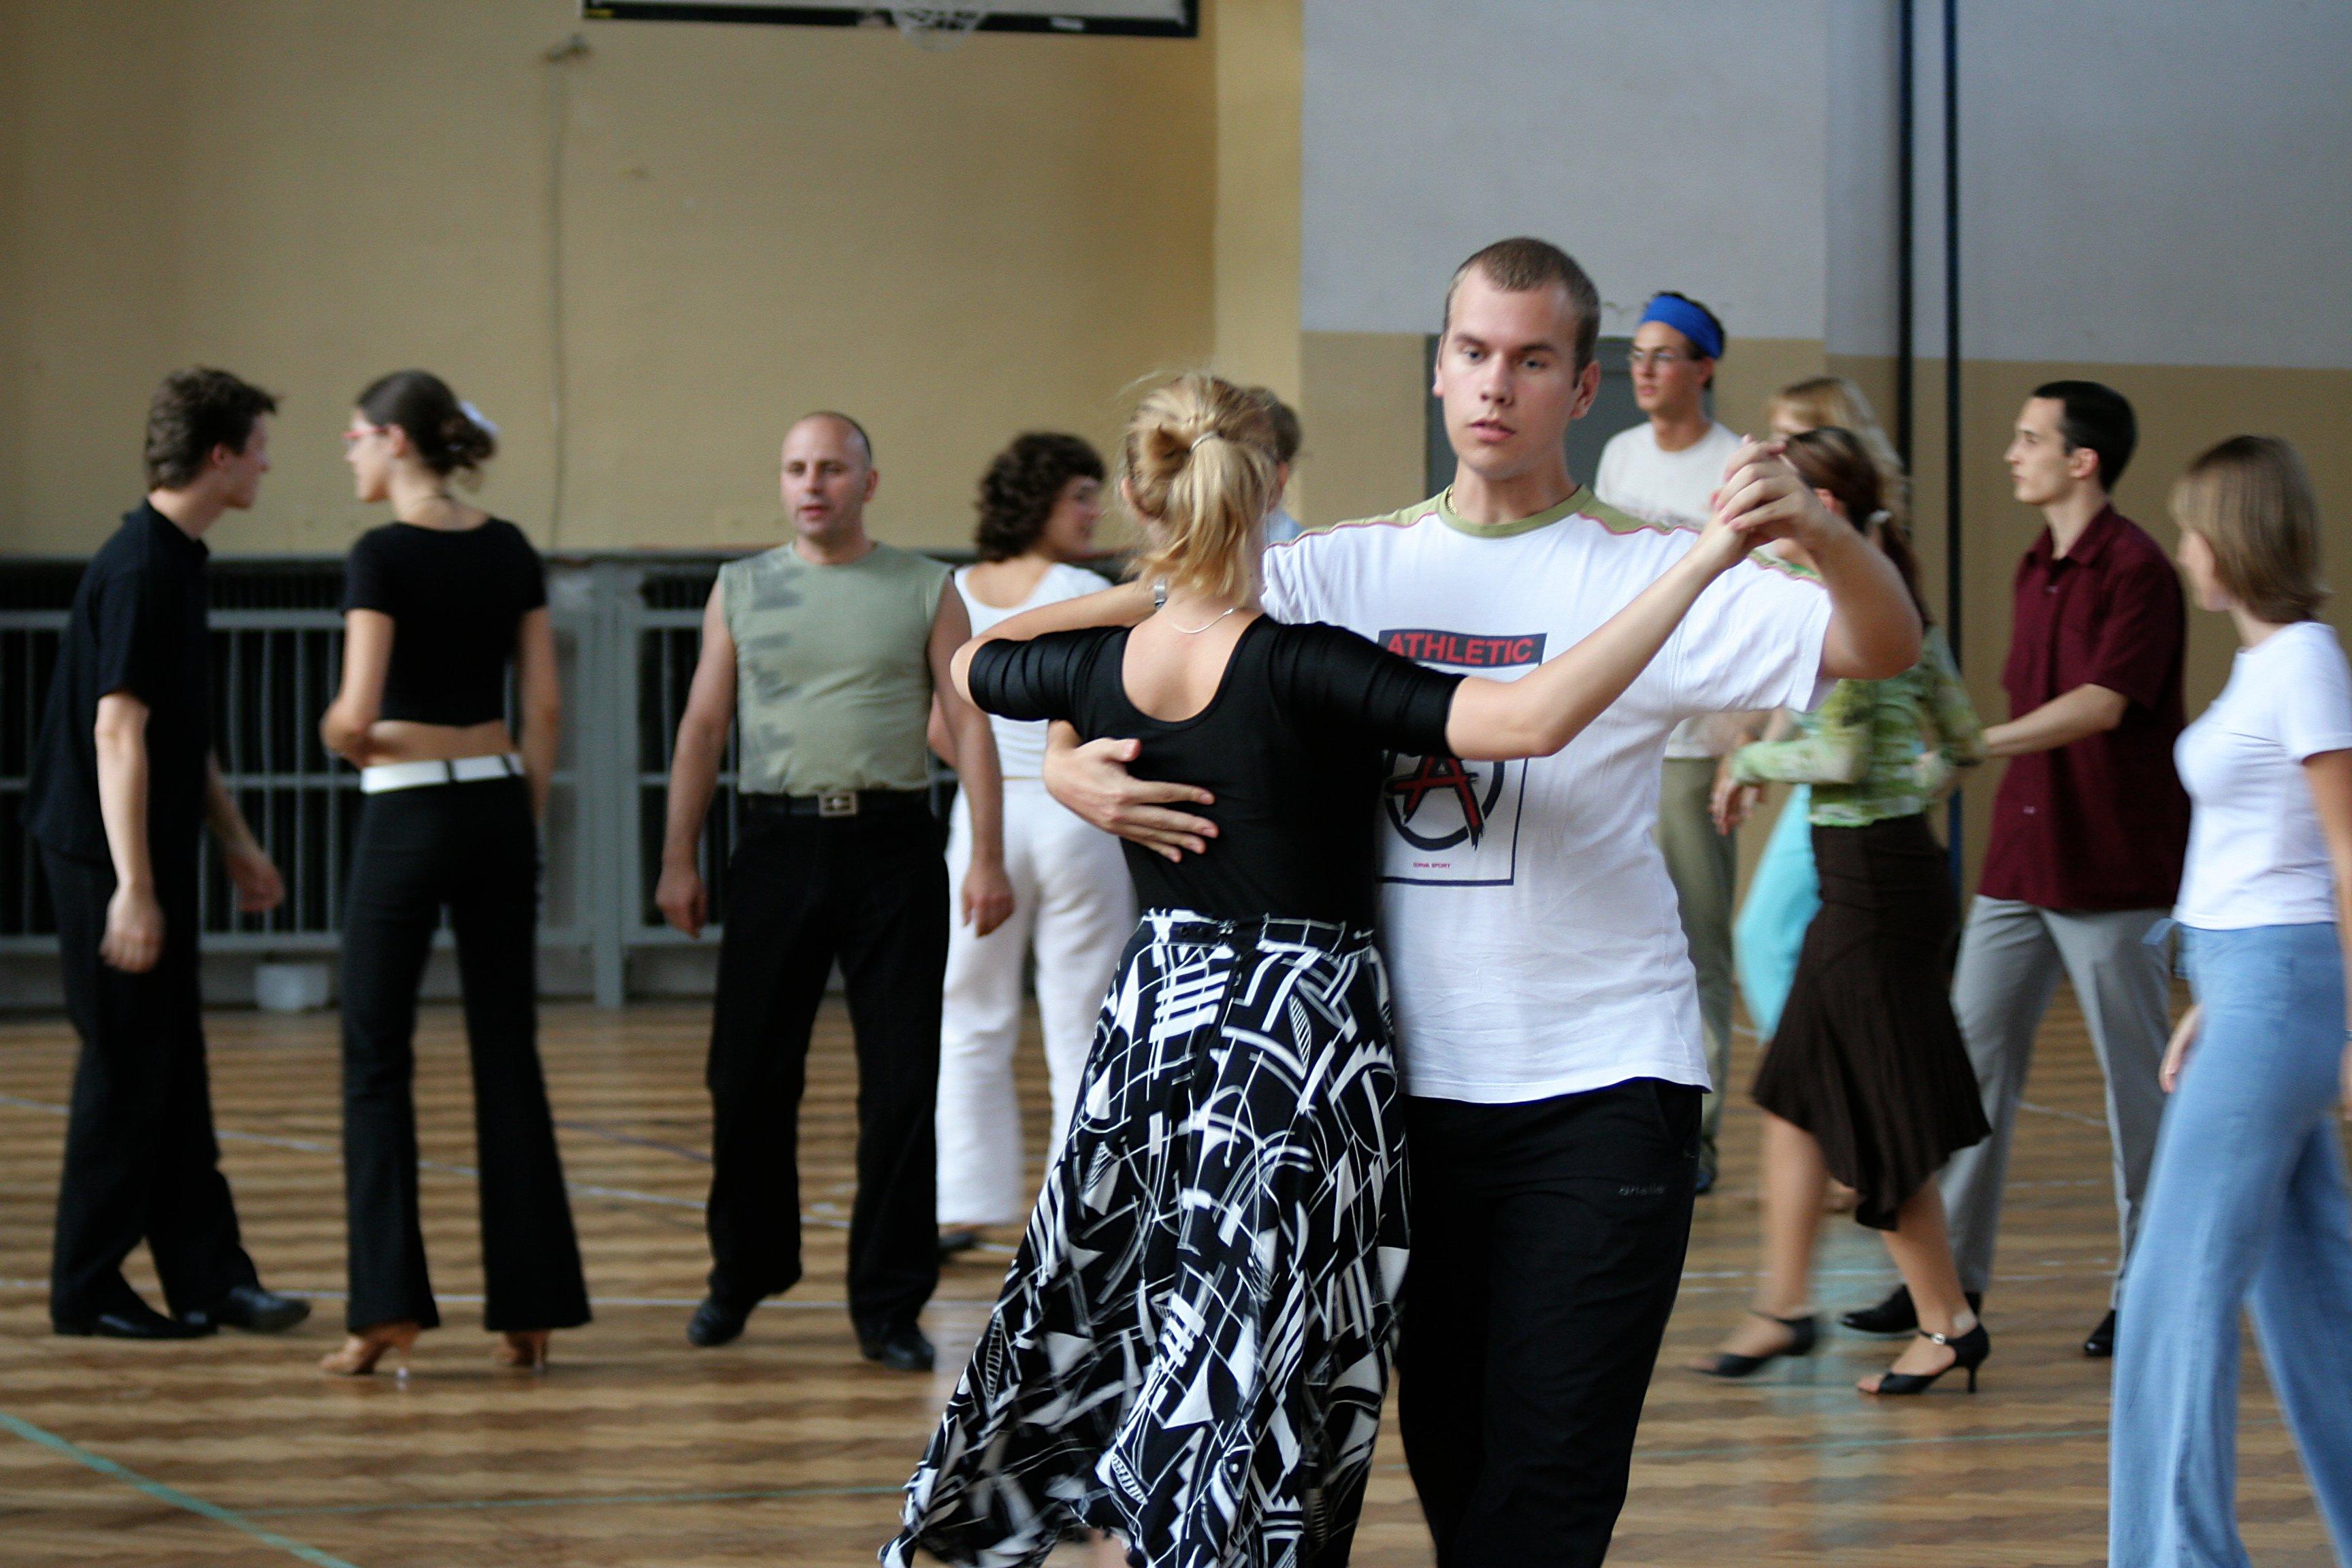 File:Ballroom dance lesson.jpg